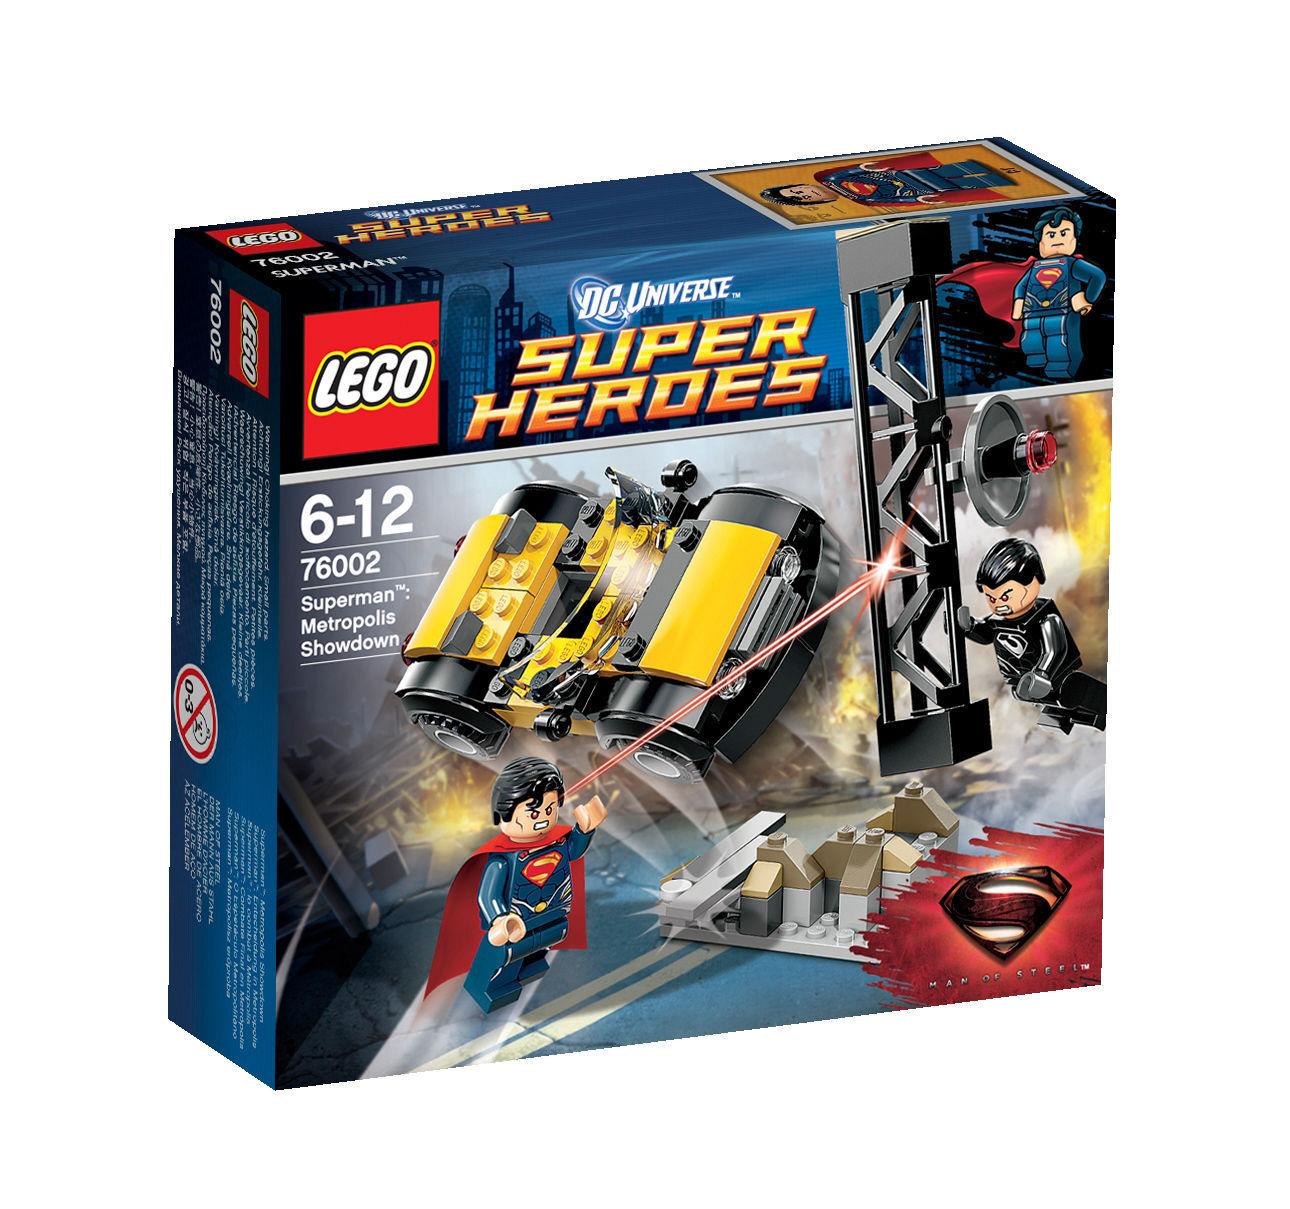 Lego DC Super Heroes Heroes Heroes 76002 Superman decisión en Metrópolis  muy popular